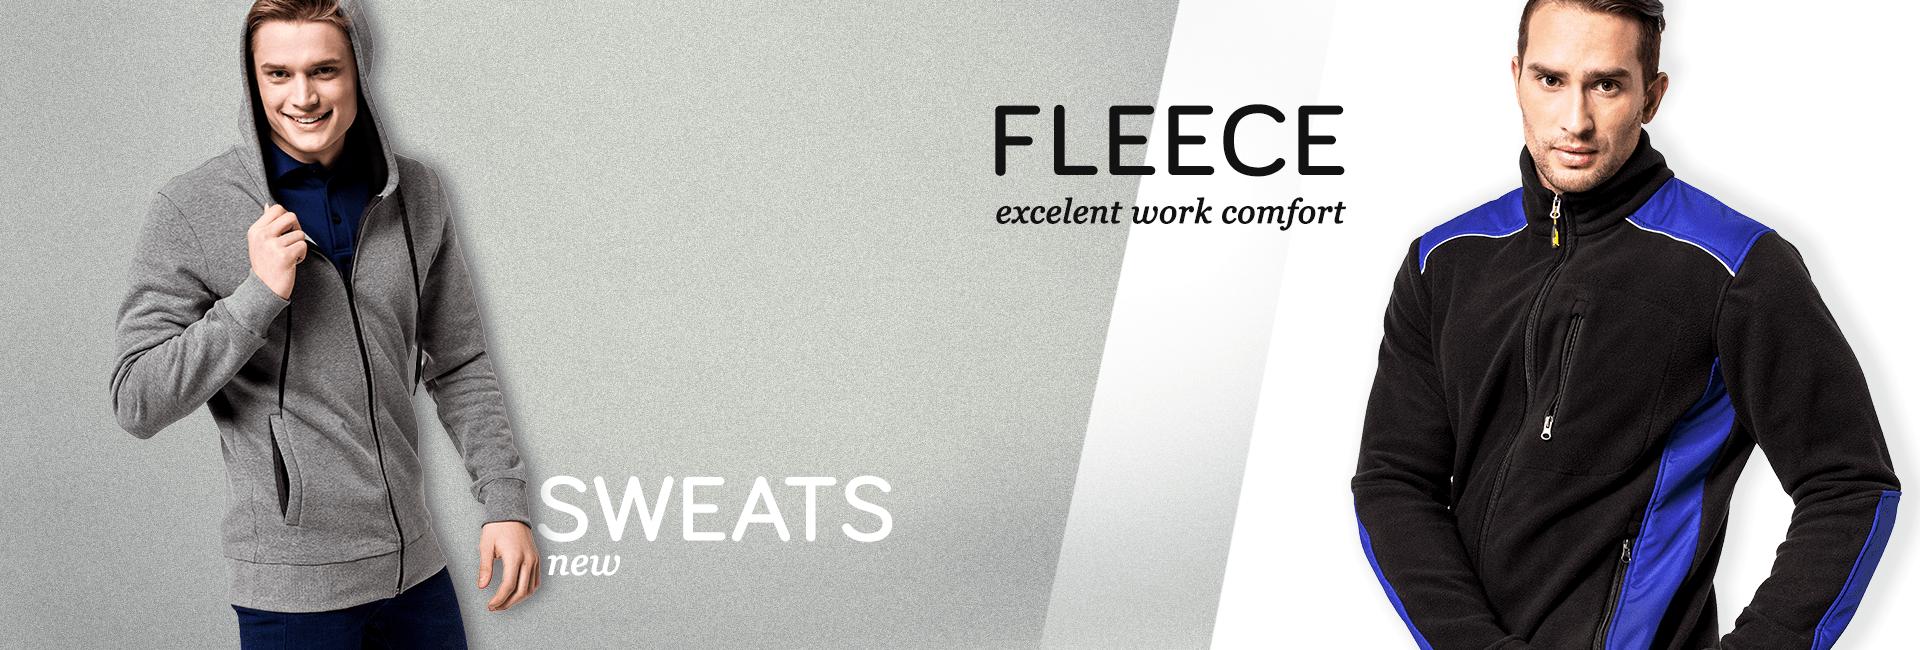 Fleece clothing & sweatshirts